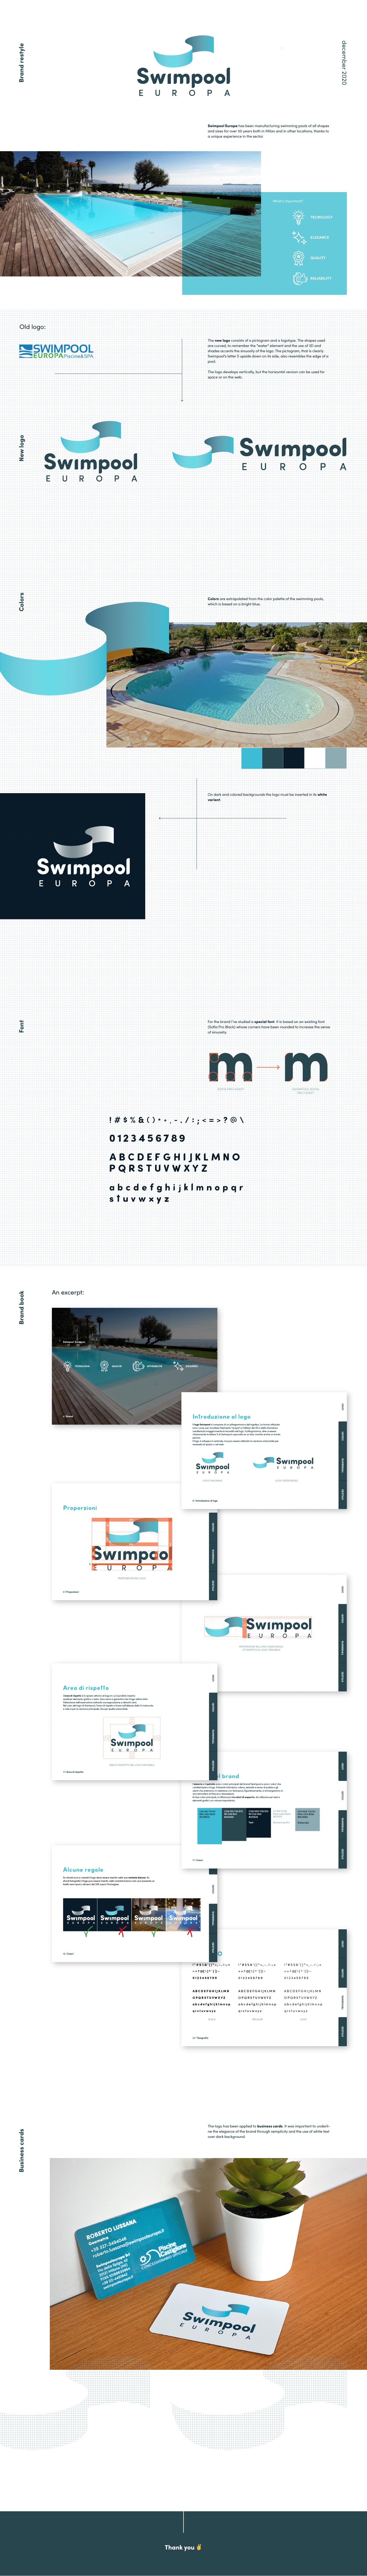 Image may contain: screenshot, abstract and water